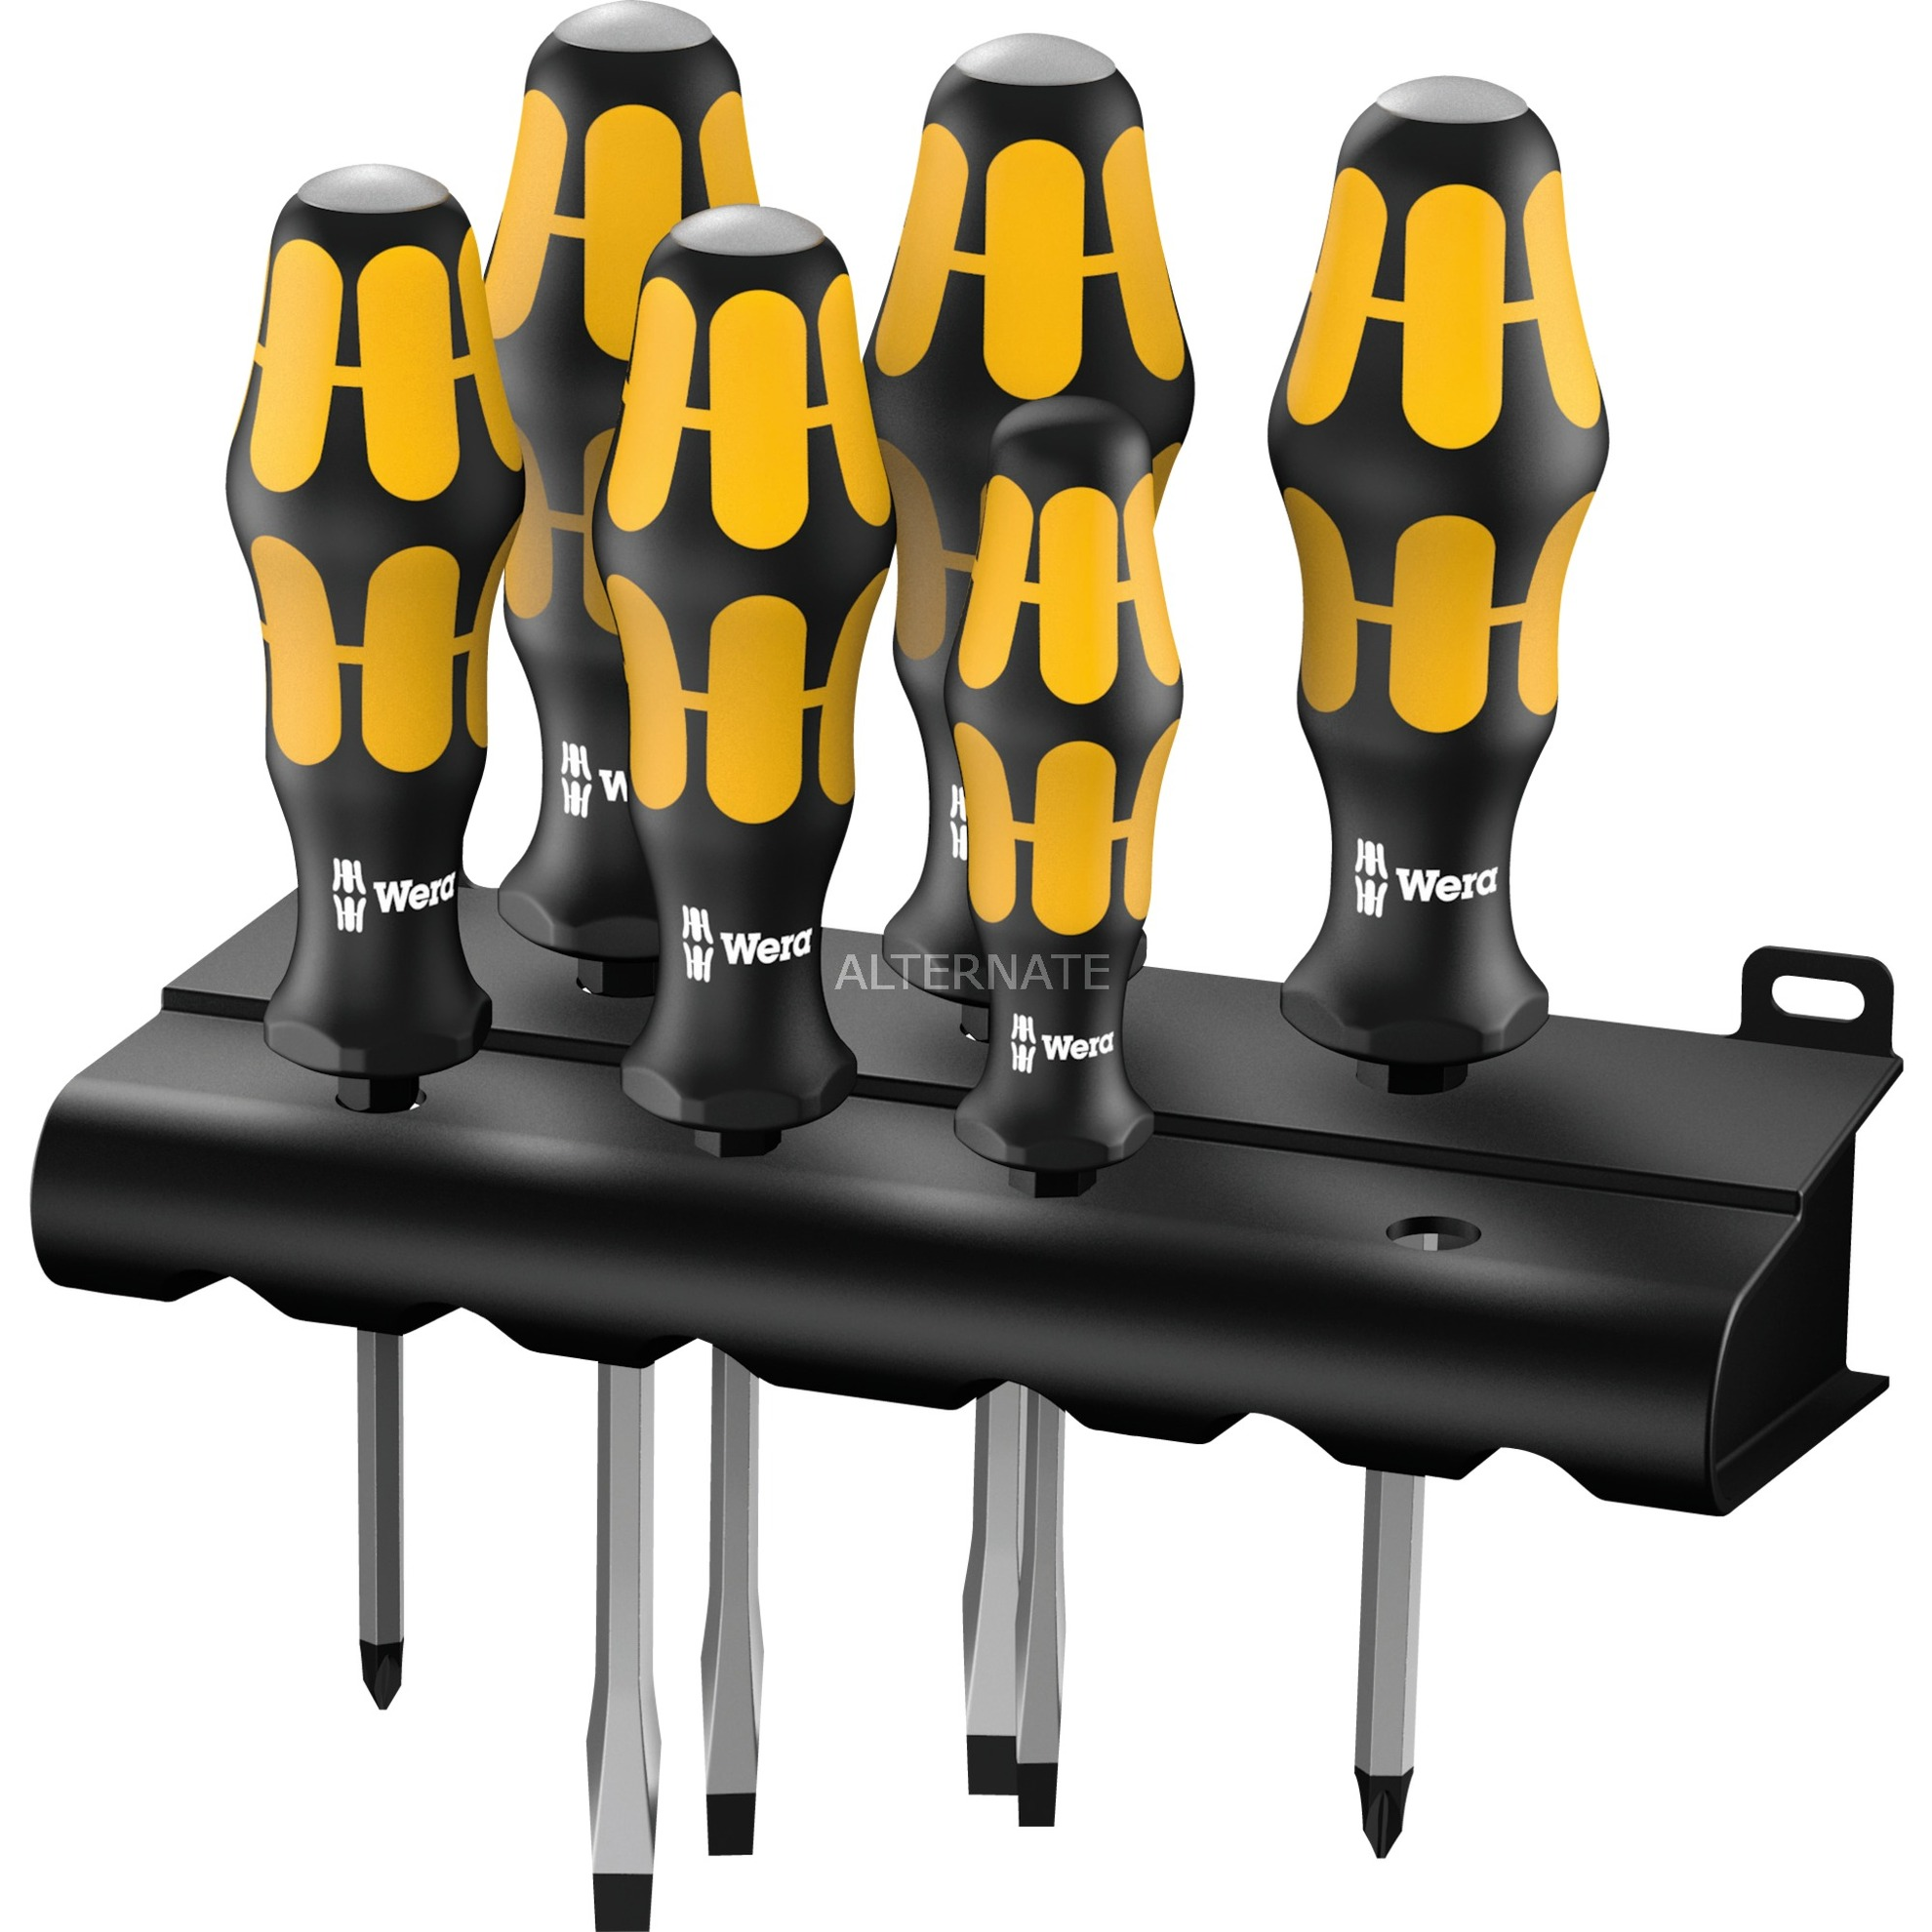 skruetrakkersat-gul-med-slagstift-og-vagholder-6-dele